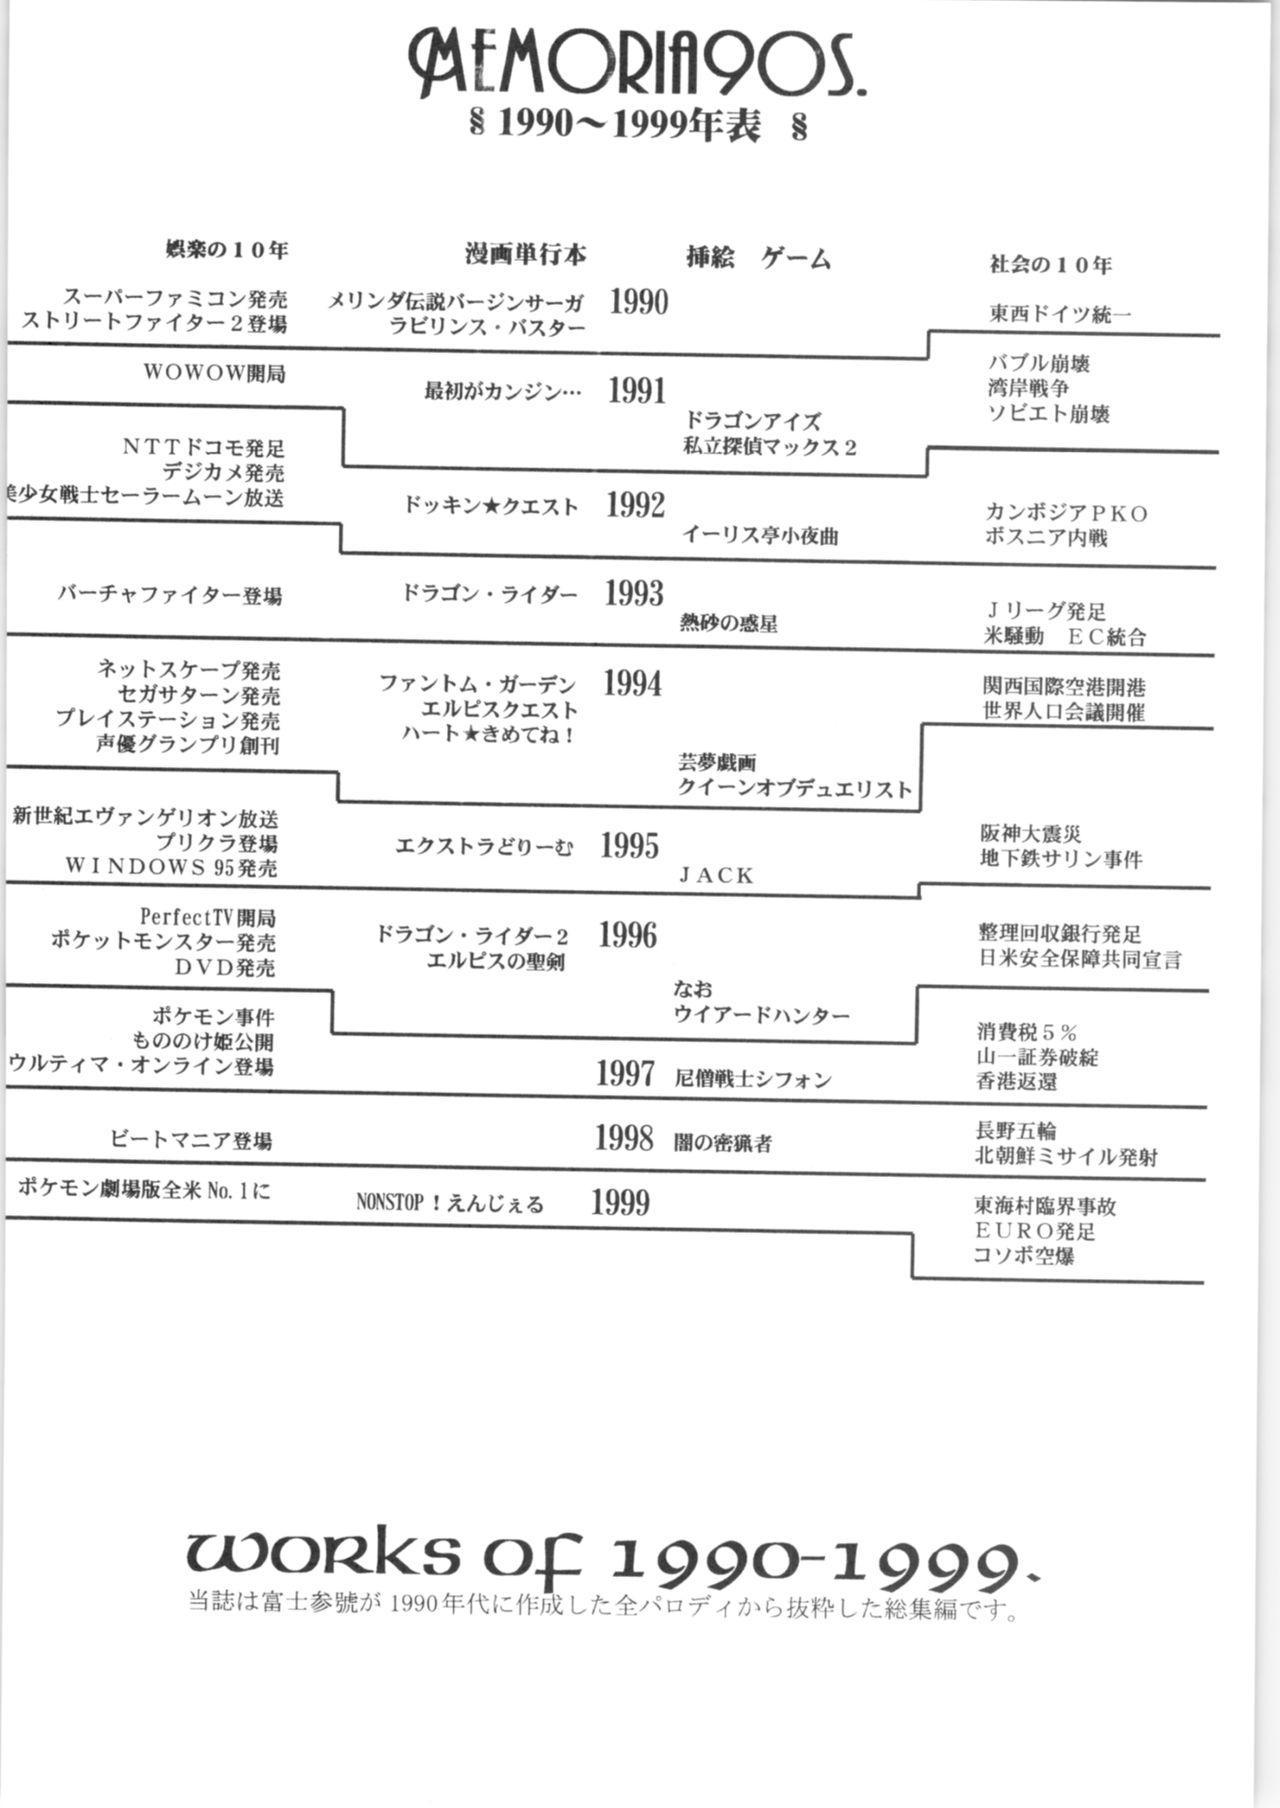 Memoria 90s 54